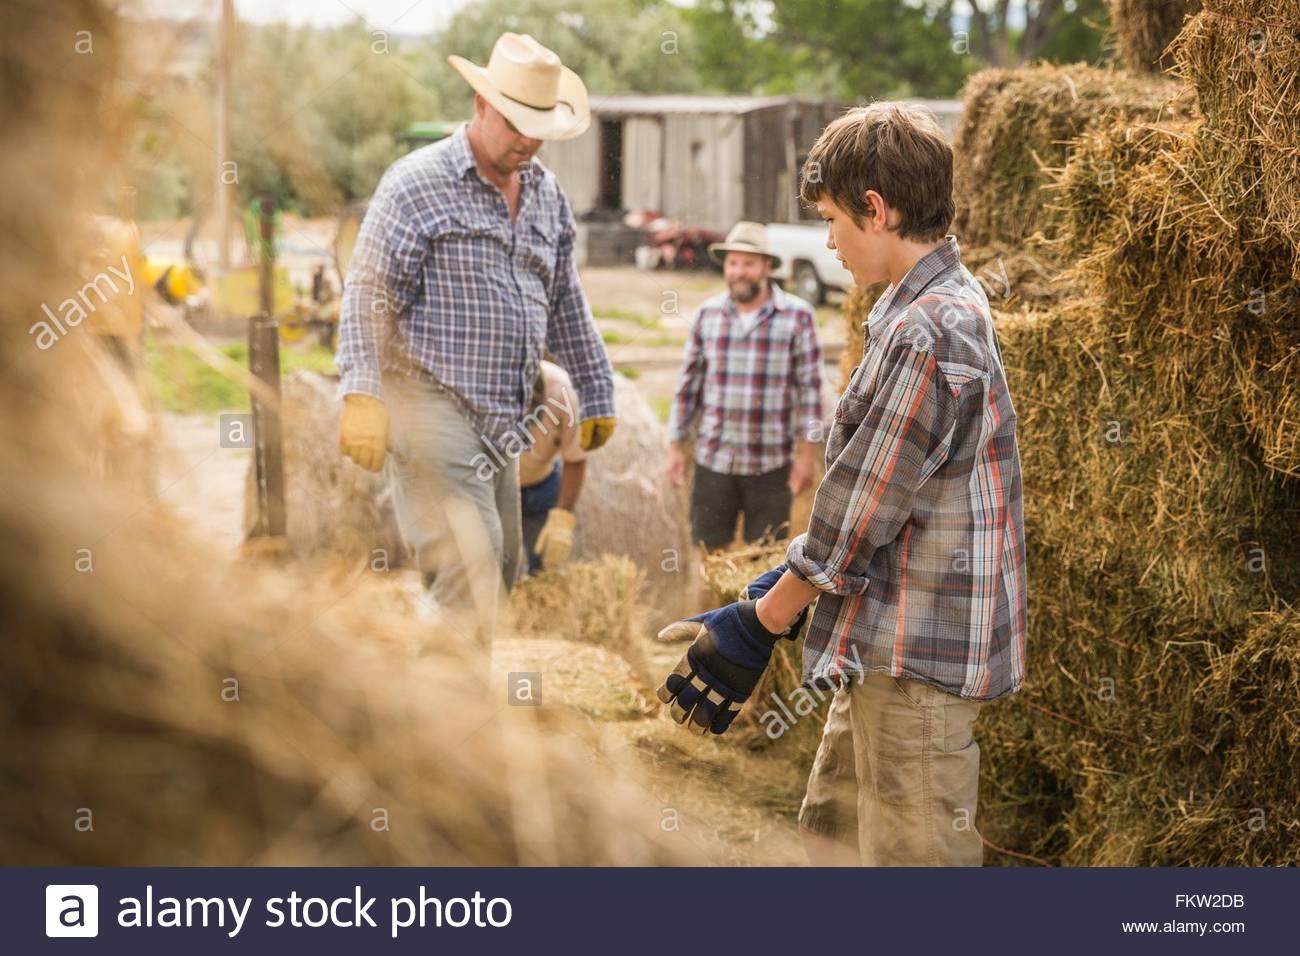 Reife Männer und junge auf Bauernhof Heuballen verschieben Stockbild